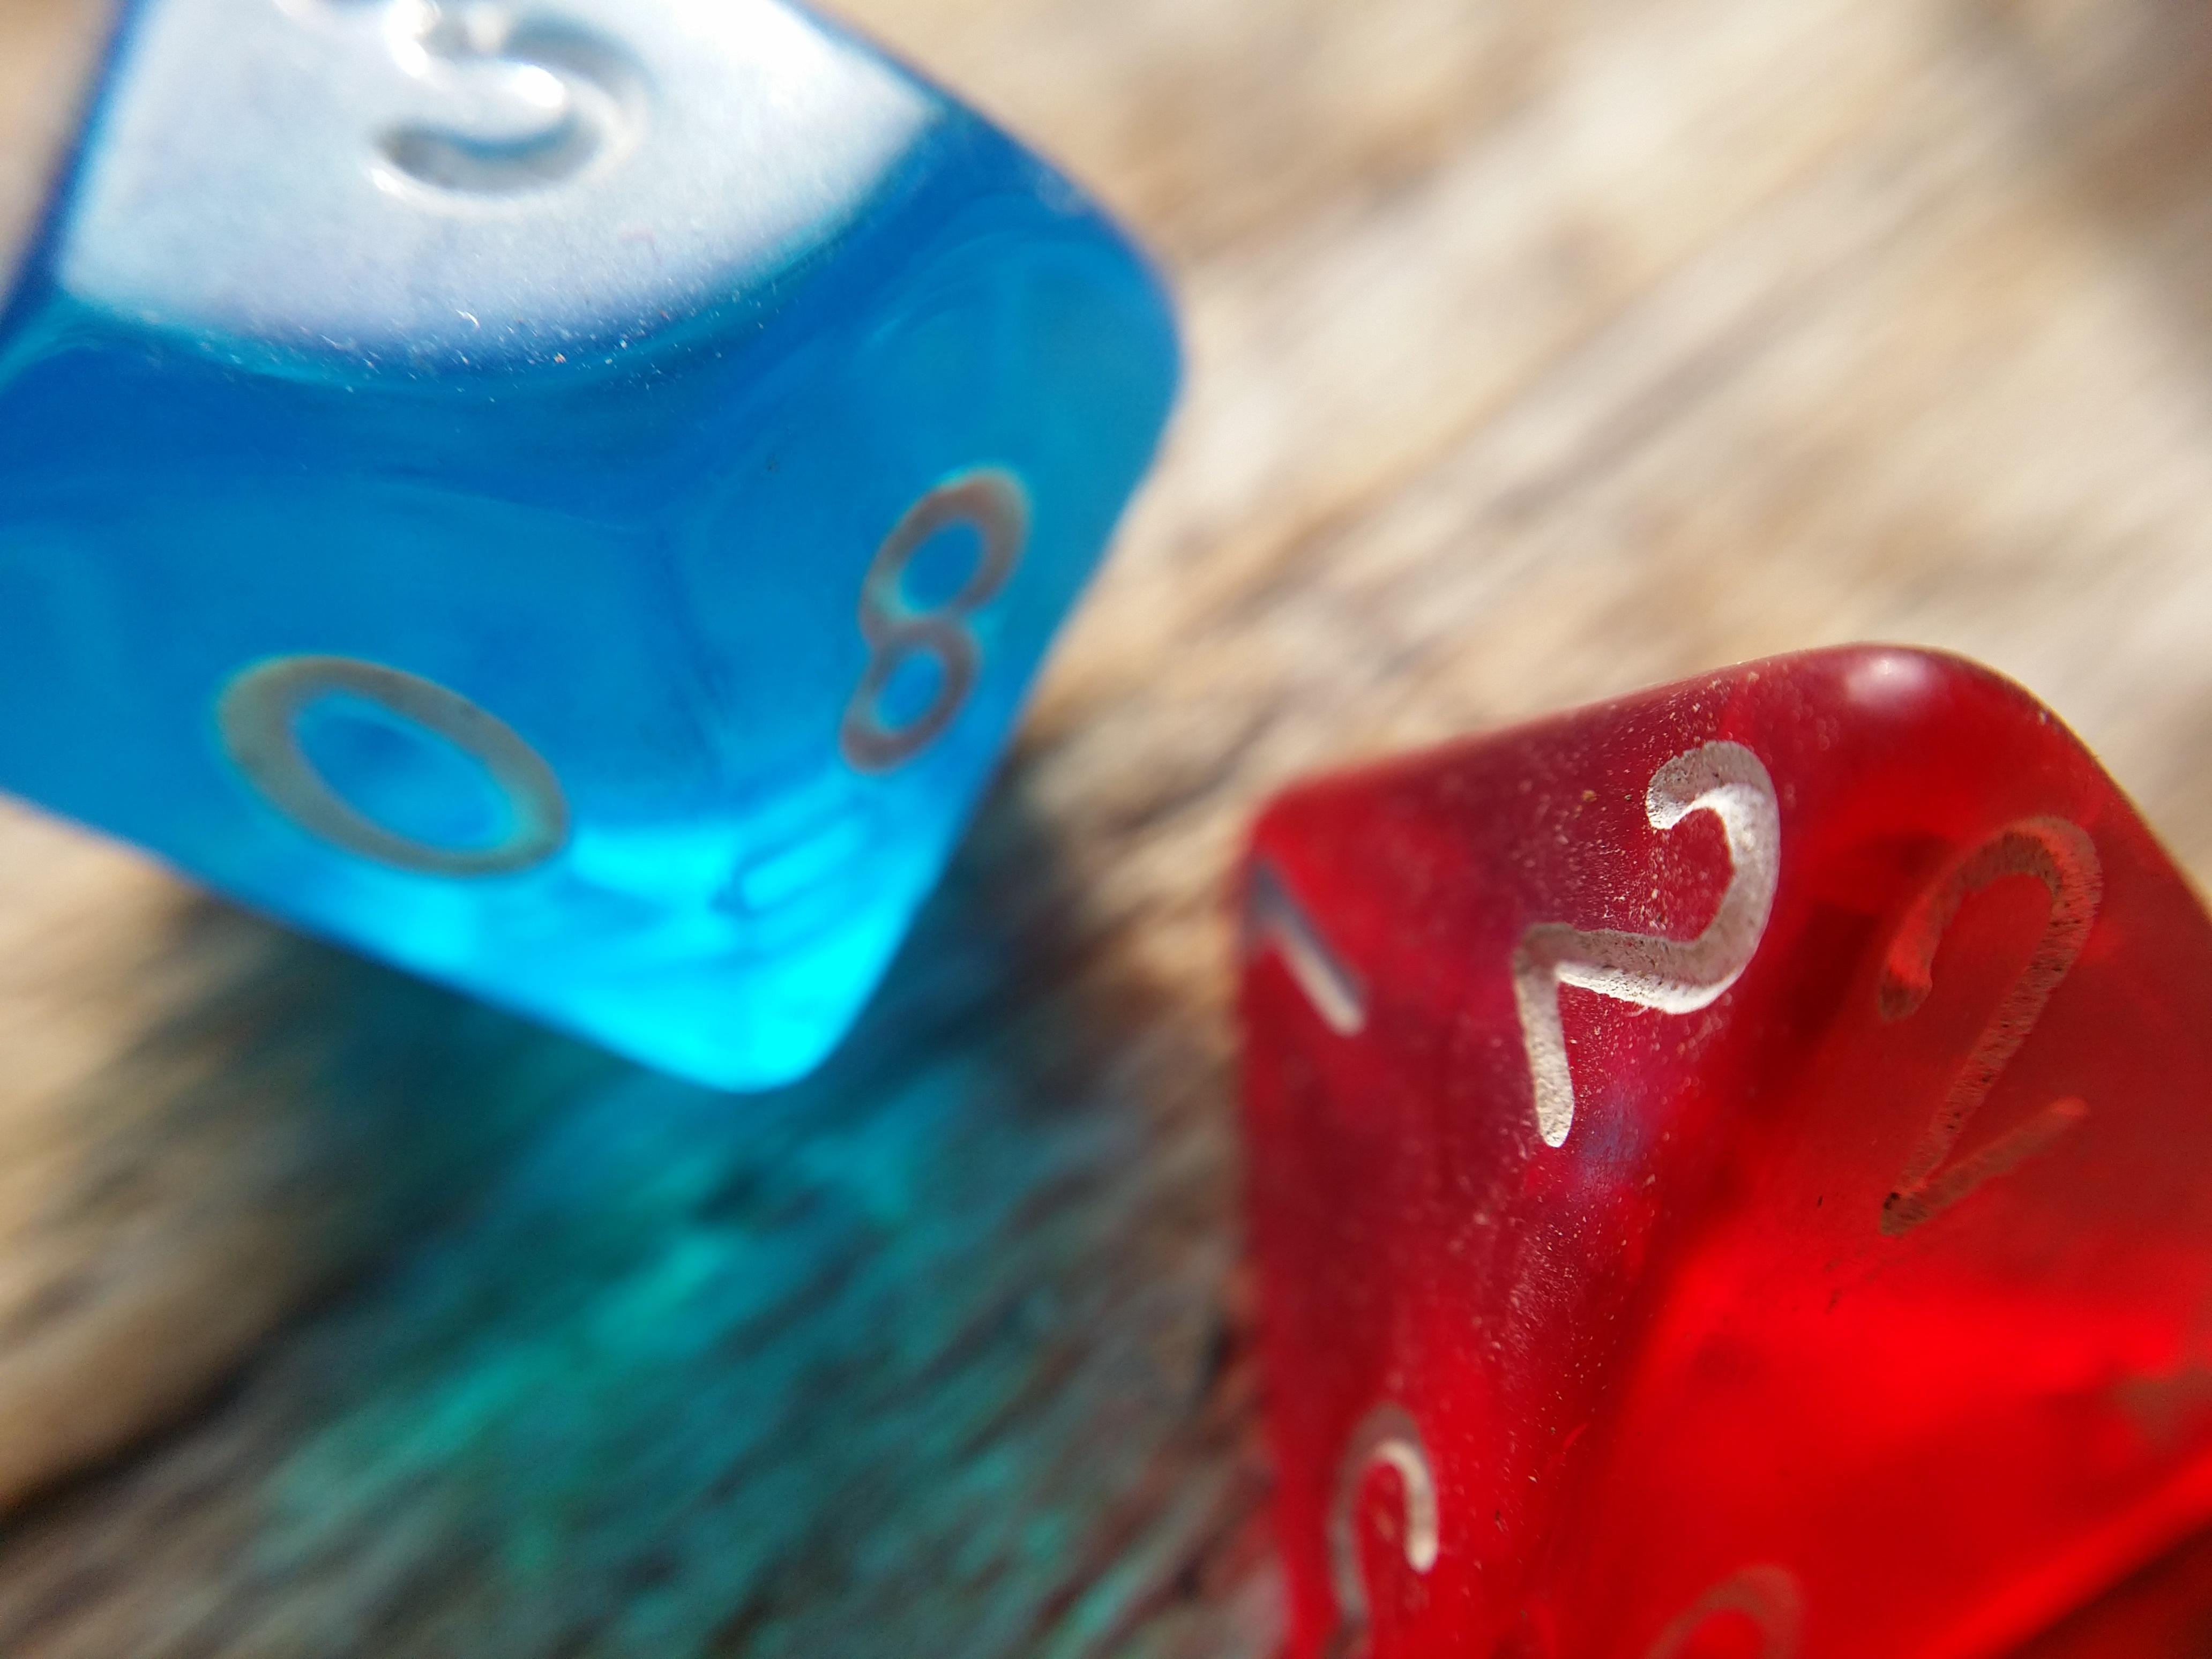 hand-game-petal-recreation-finger-red-pl